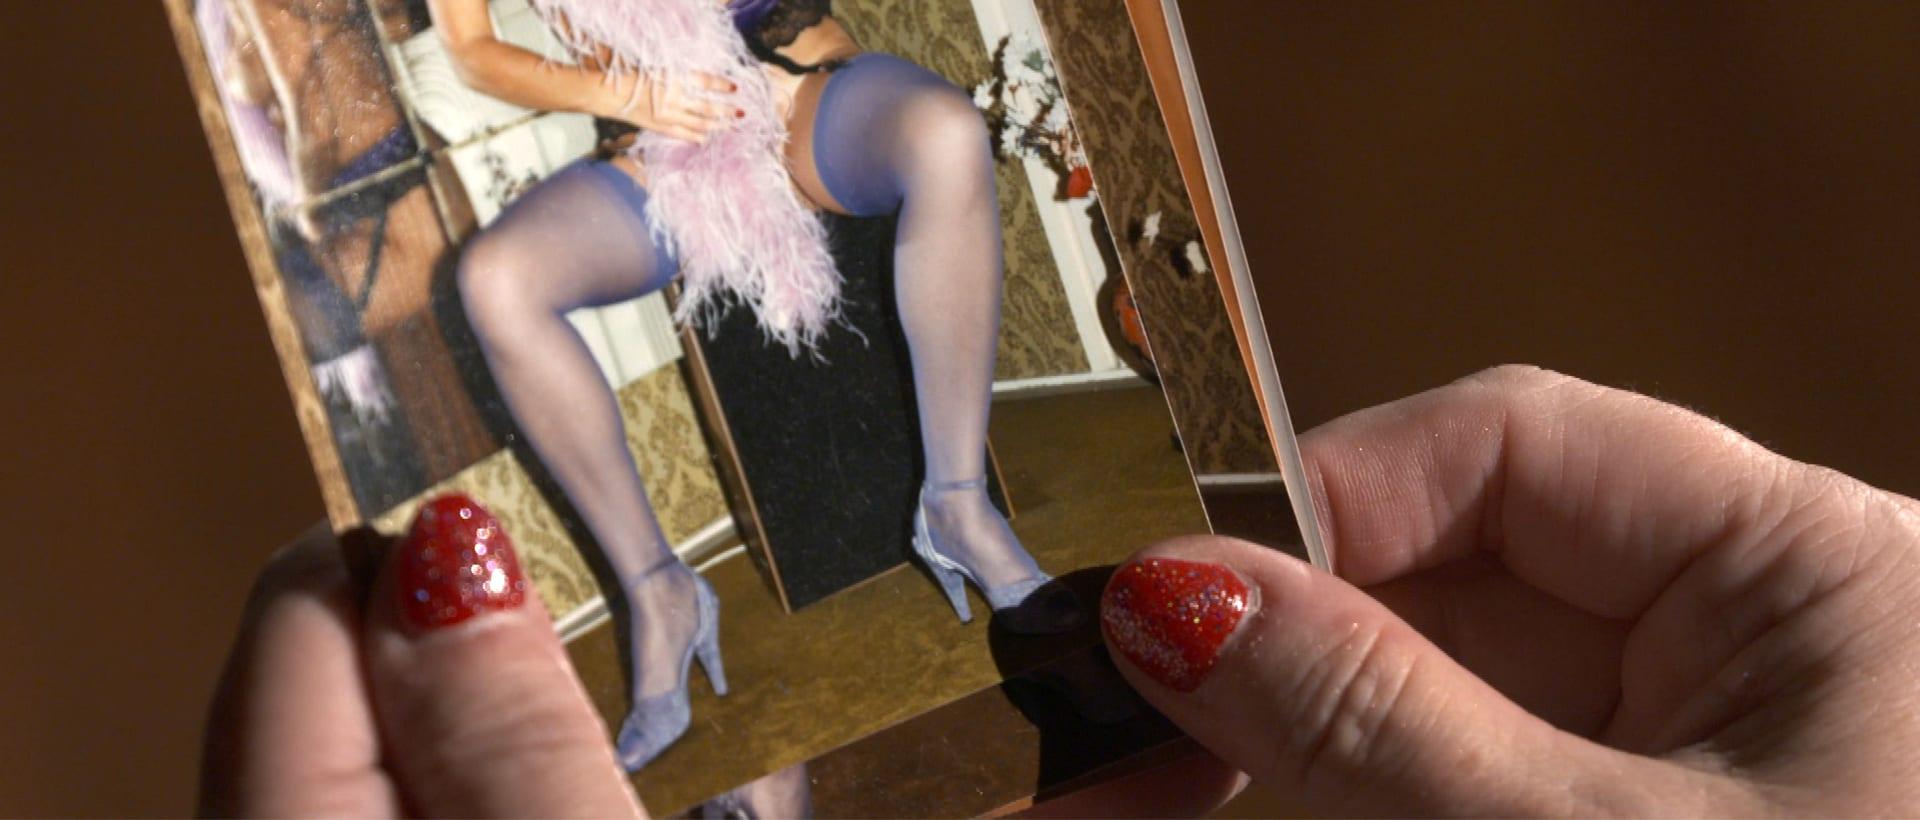 porno uutiset prostituutio suomessa laki